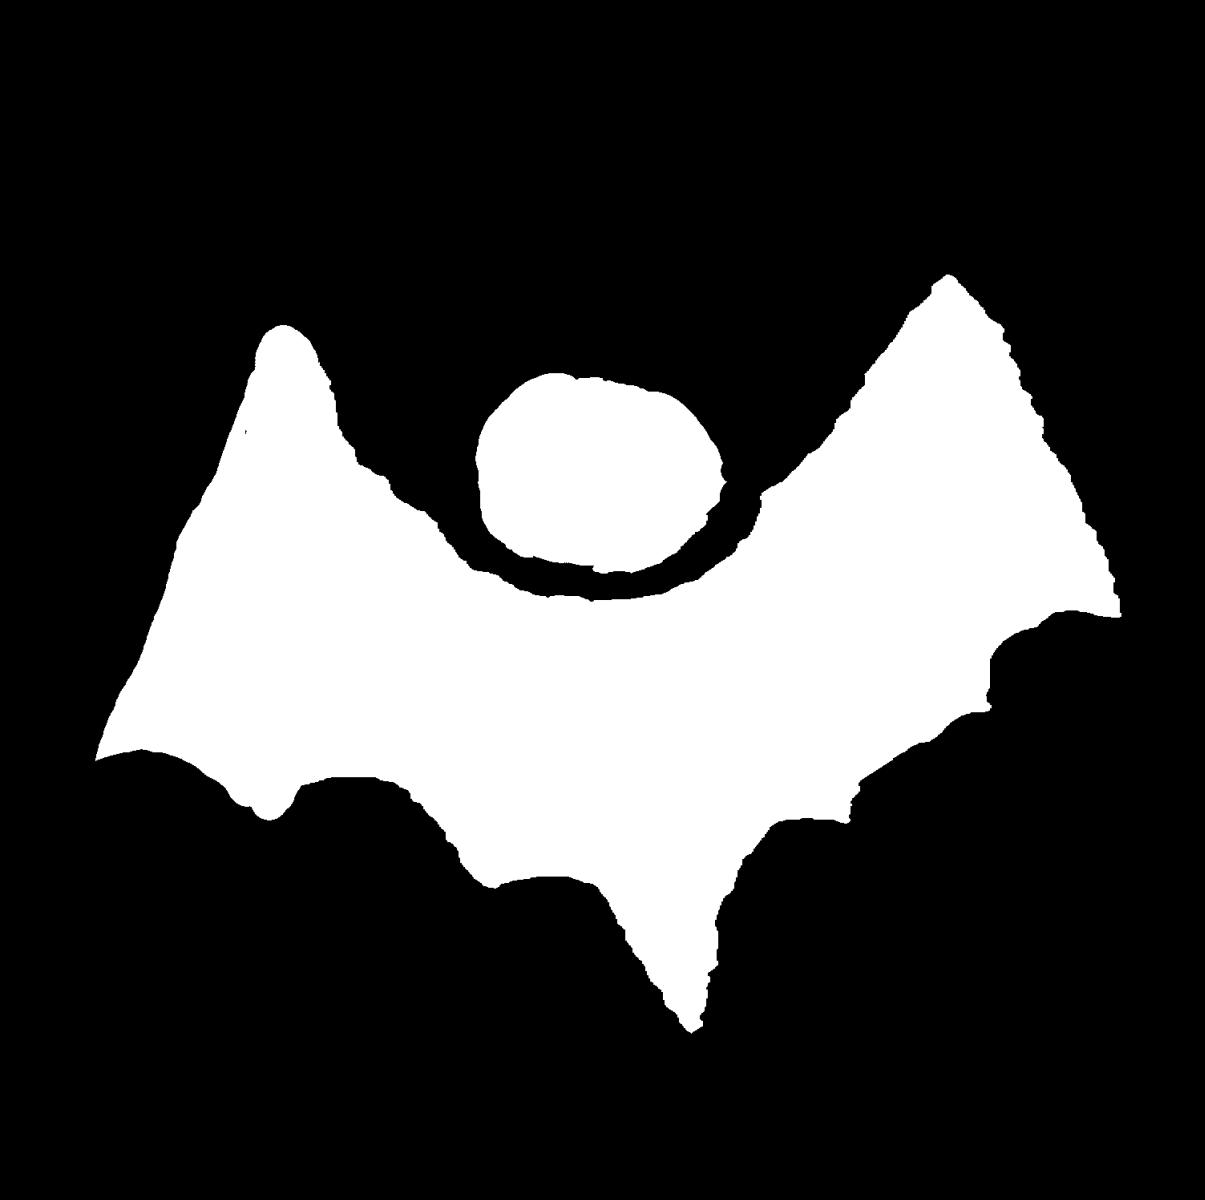 コウモリ(4種)のイラスト / Bats (4 types) Illustration